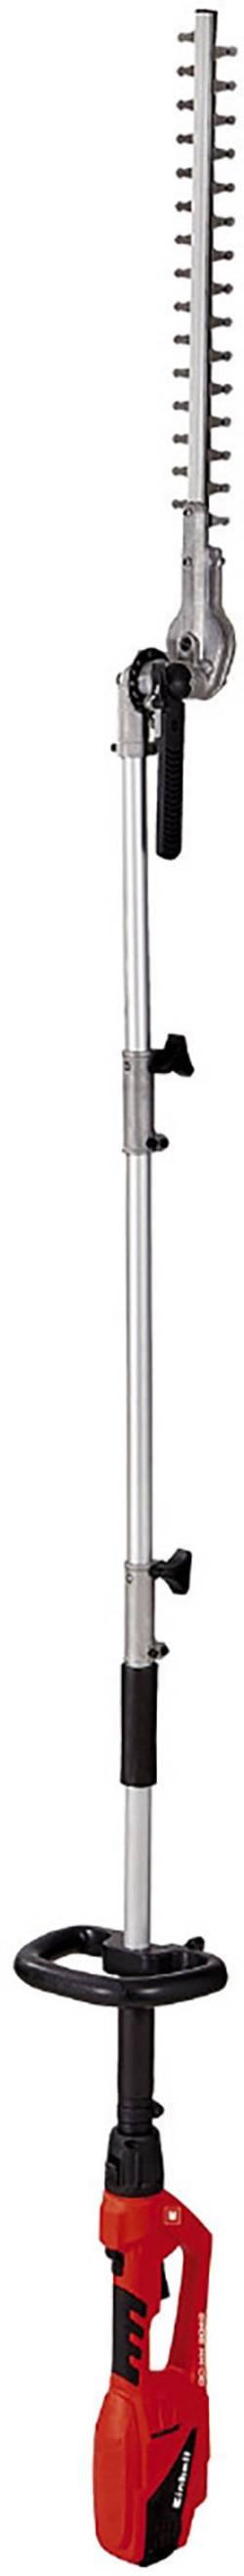 Teleskopické nůžky na živý plot Einhell GC-HH 9048 3403492